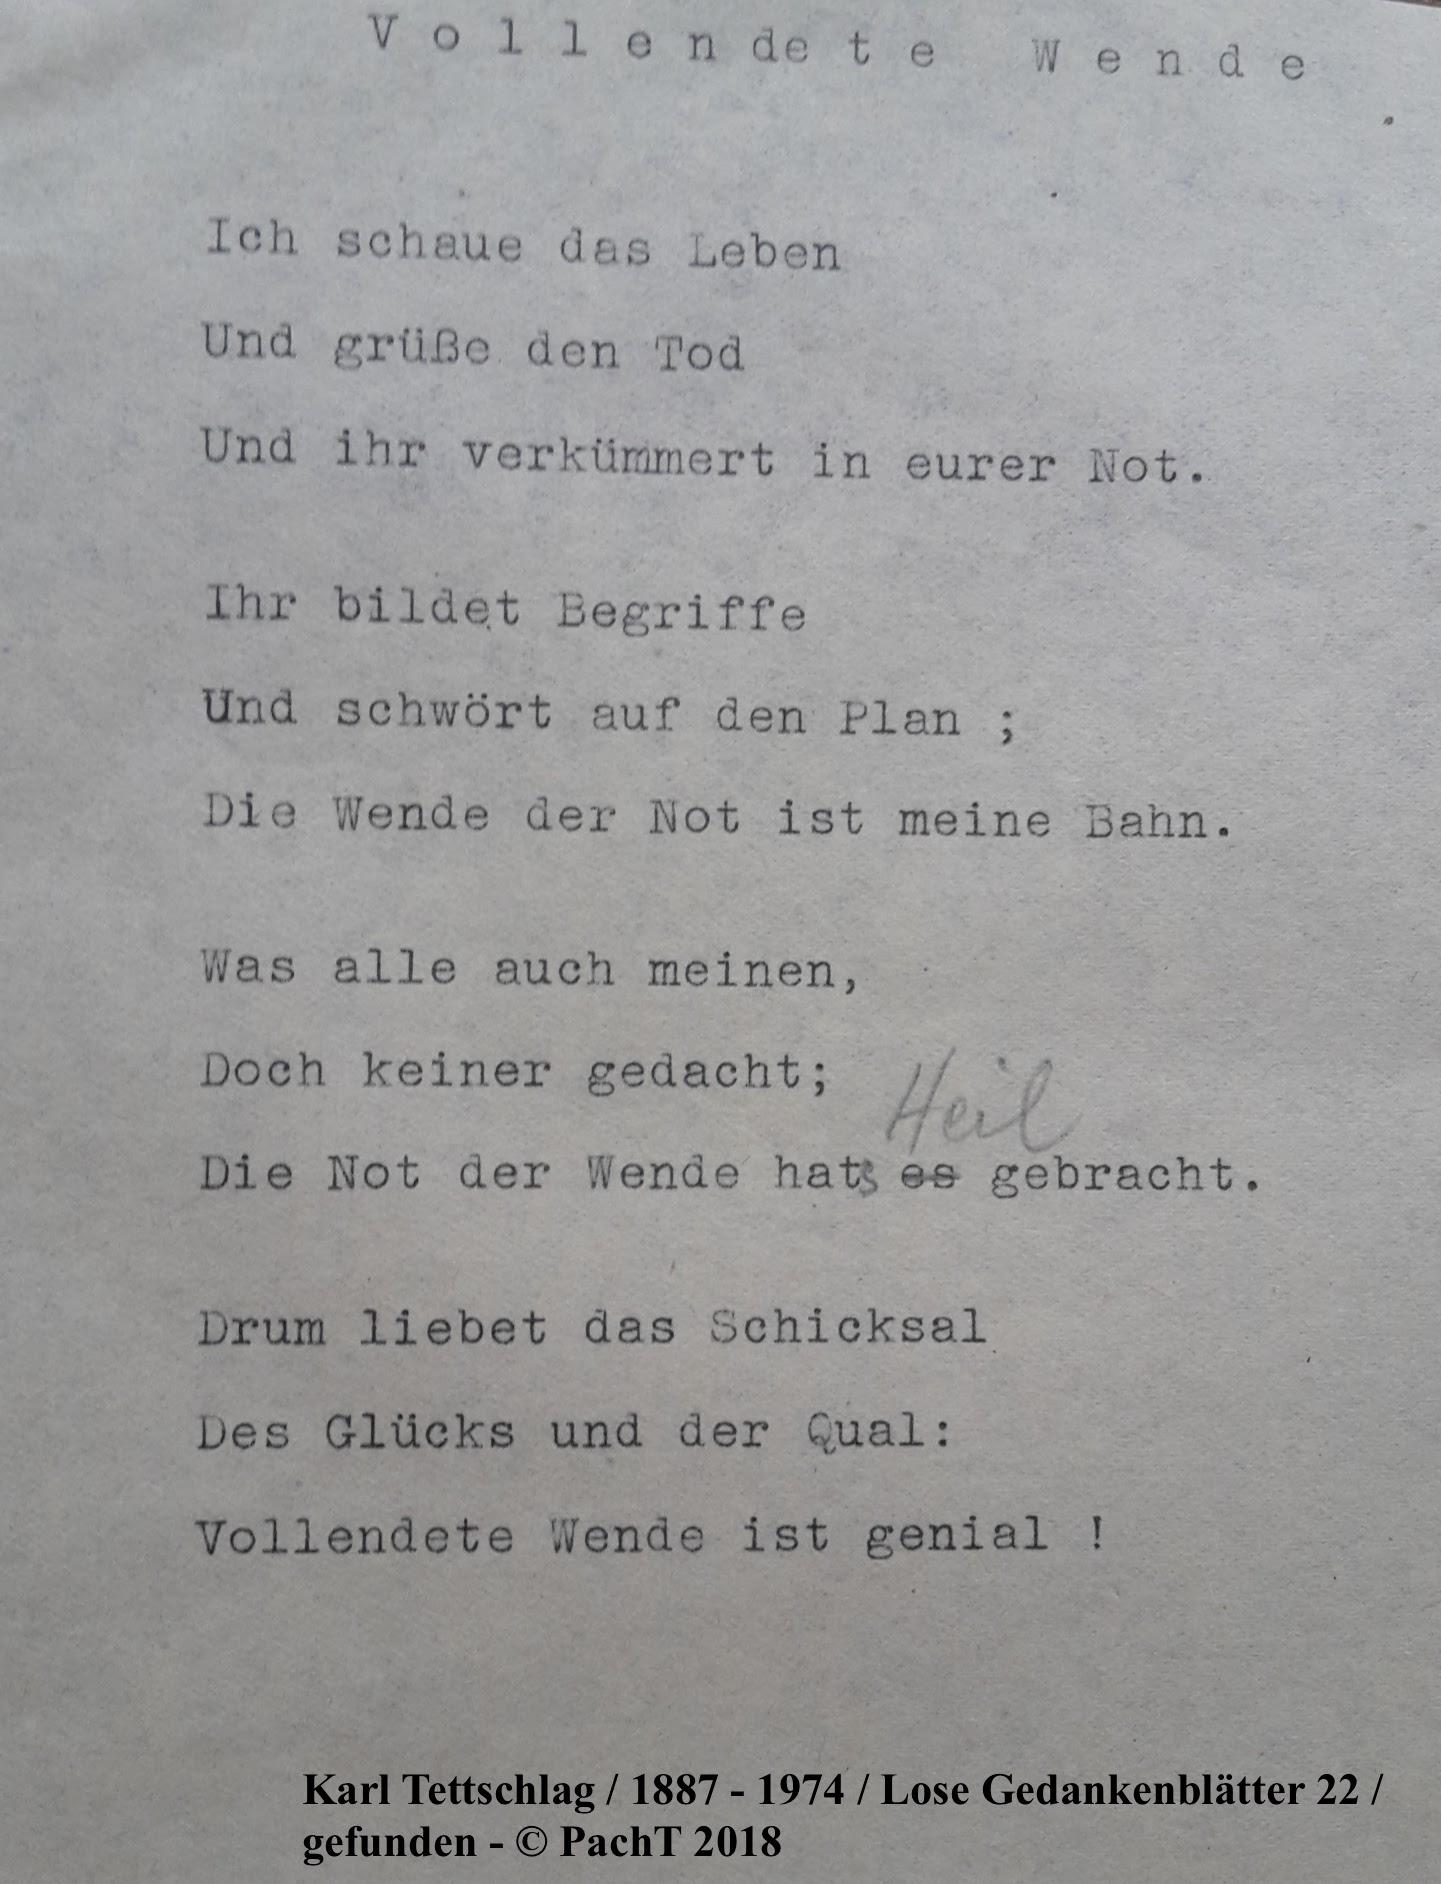 1887 - 1974 Erinnerungen an meinen Opa _ Lose GedankenBlätter 26